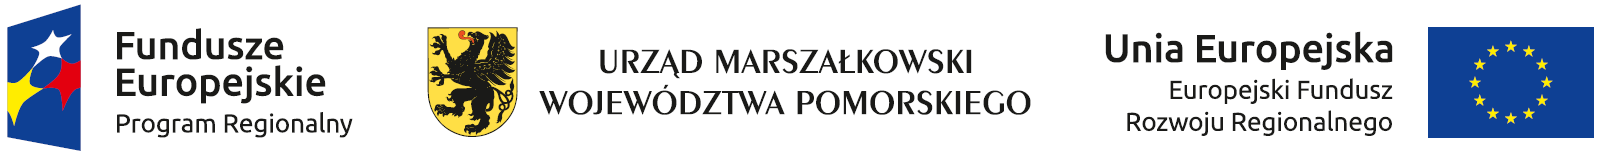 znaki_promocyjne